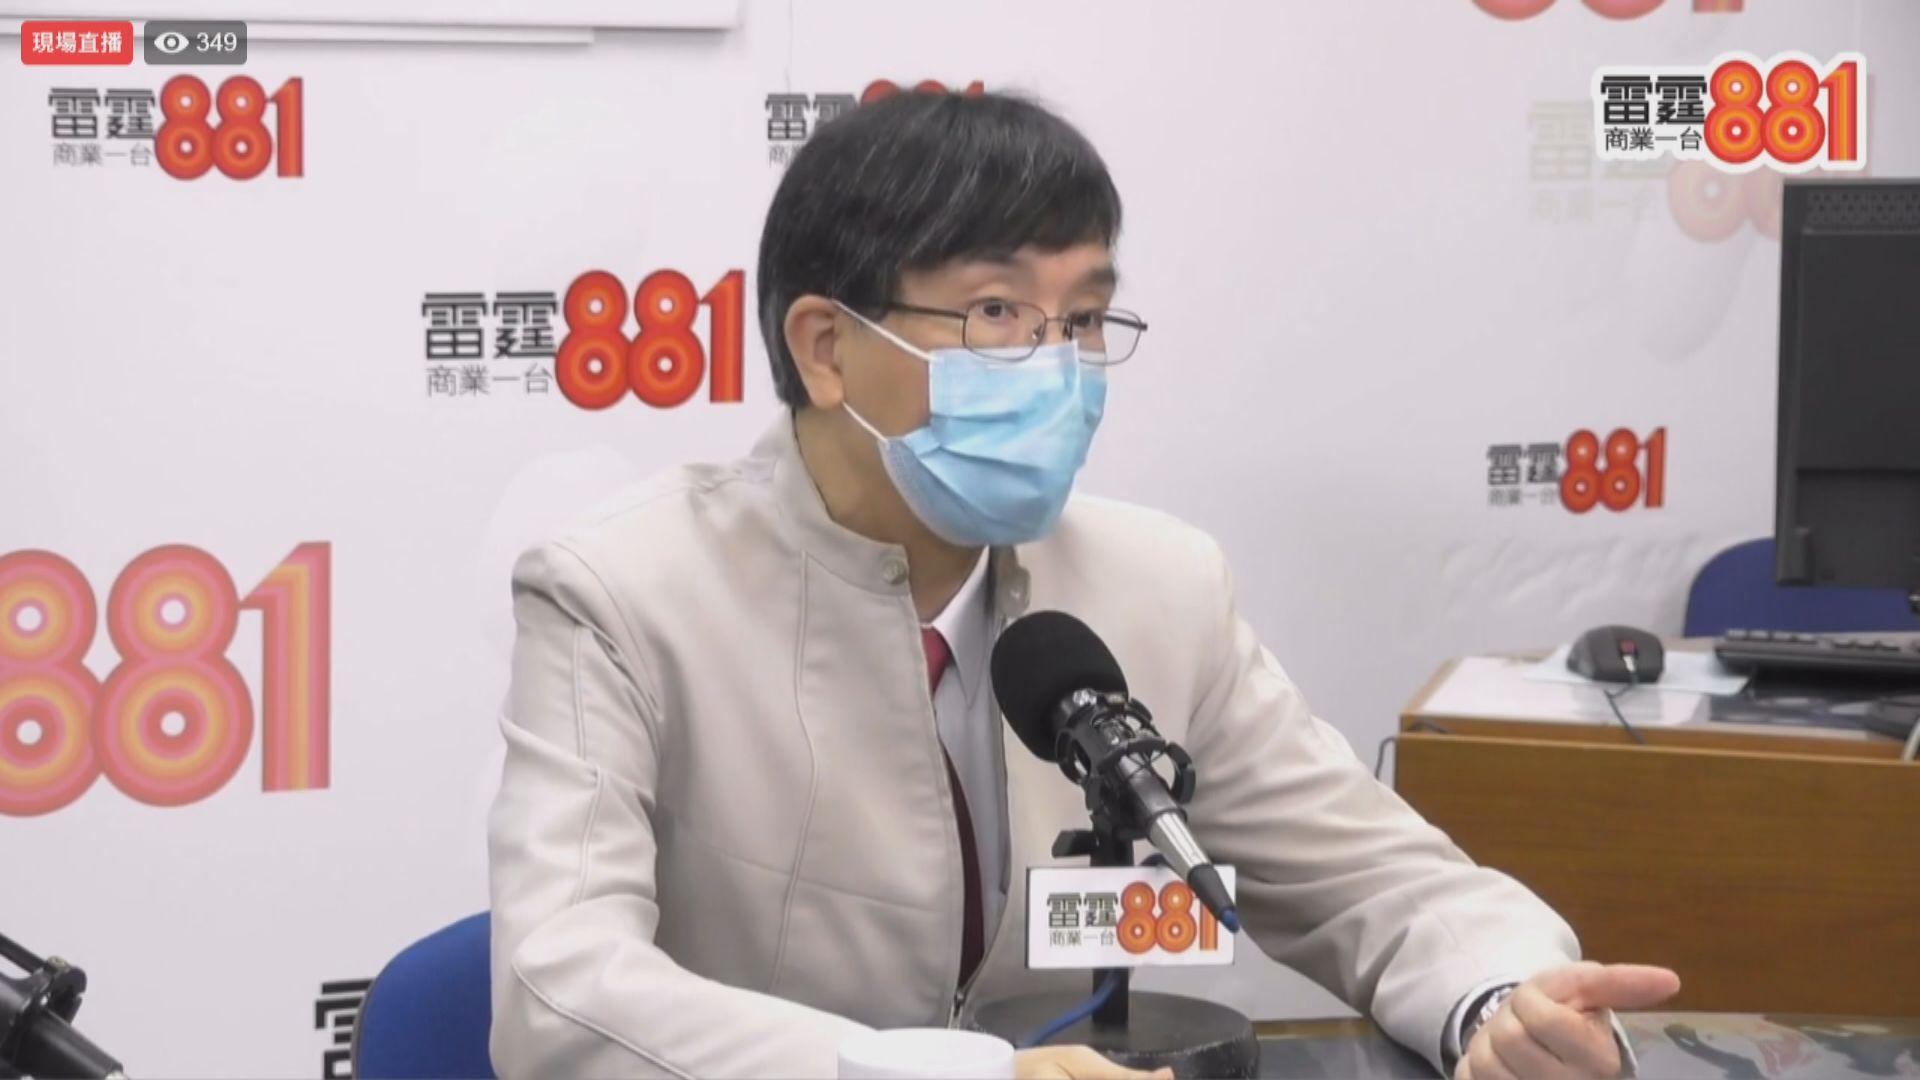 袁國勇贊成全民檢測 暫難料檢測成效